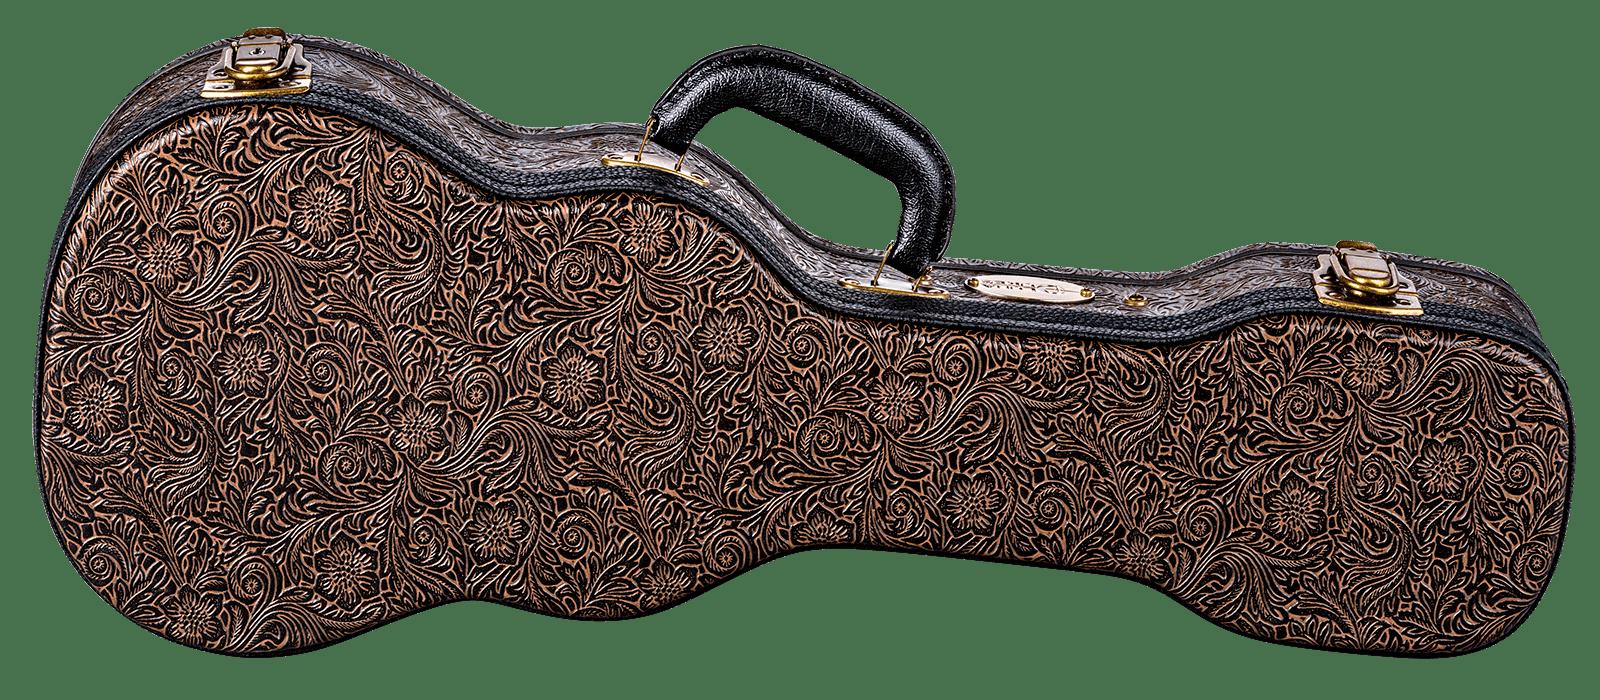 Luna Hard Case Tooled Leather Concert